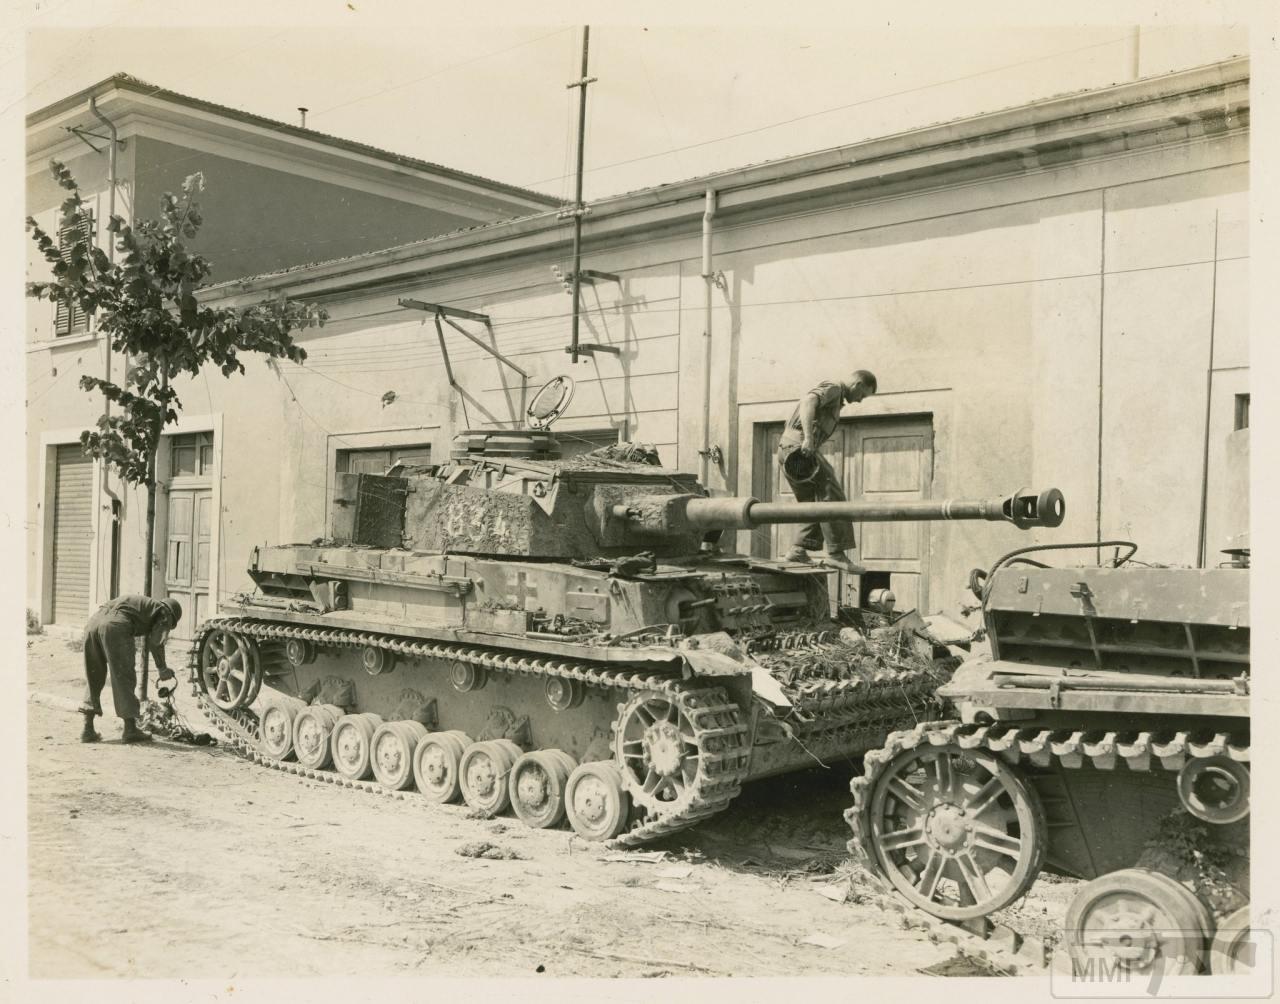 98994 - Achtung Panzer!